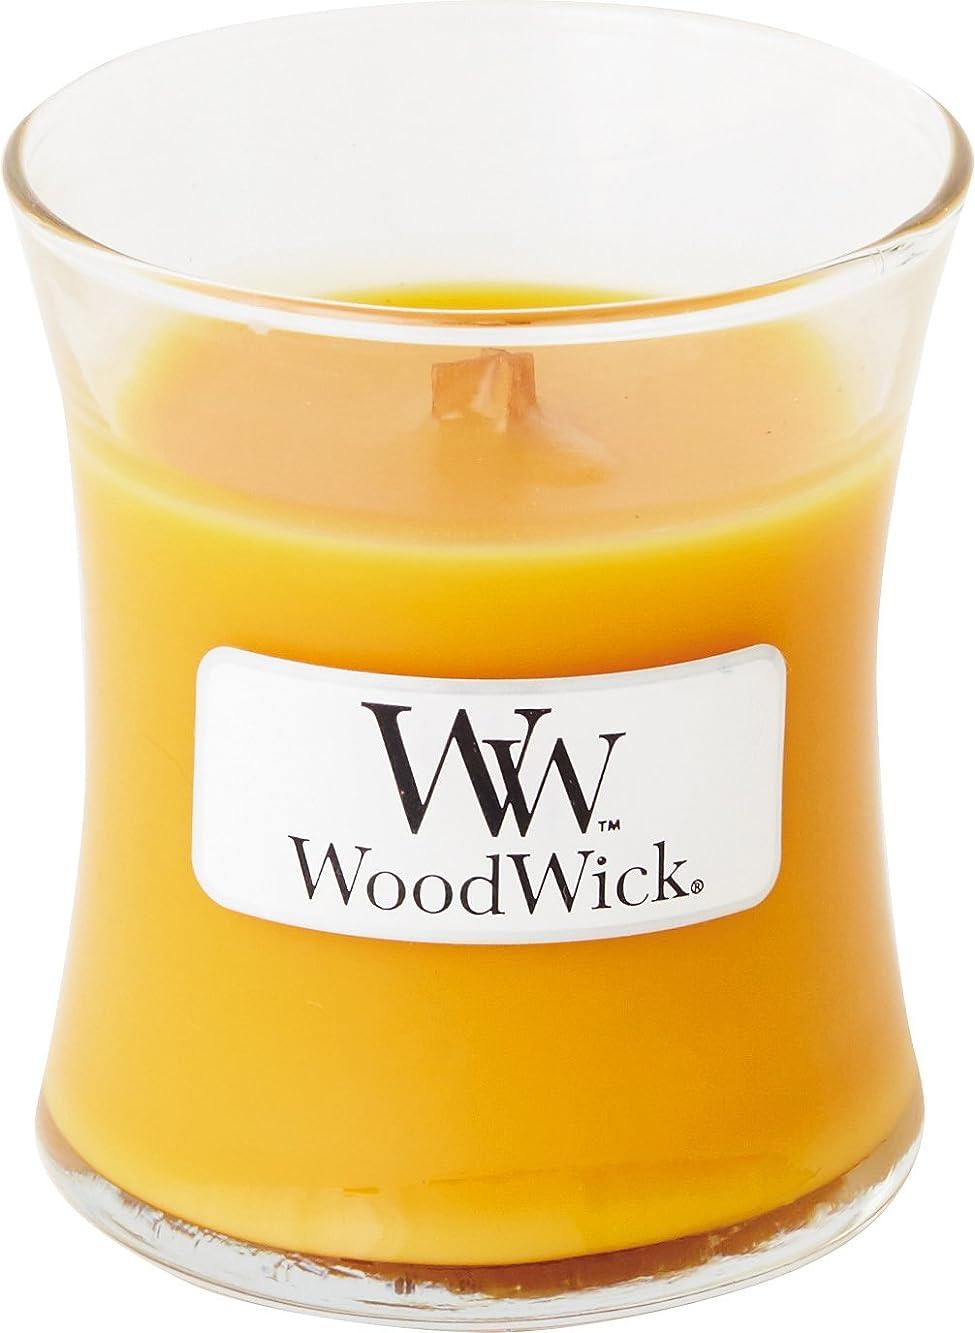 ロボット世紀アソシエイトWood Wick ウッドウィック ジャーキャンドルSサイズ スパークリングオレンジ